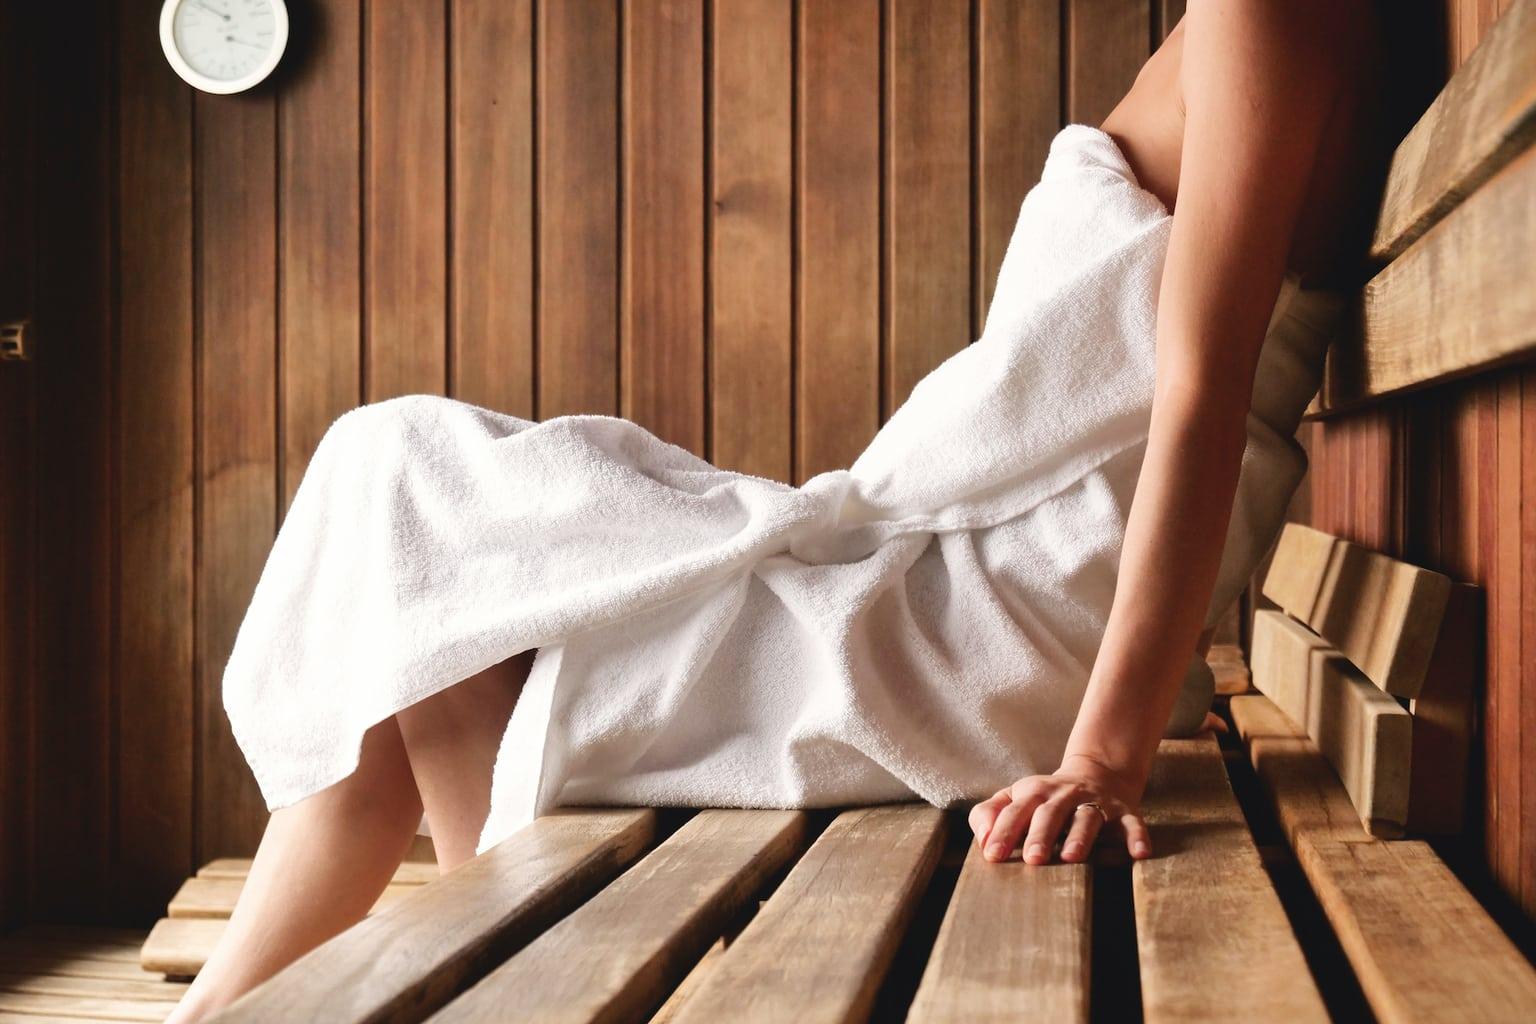 Een vrouw met een handdoek in een Duitse sauna